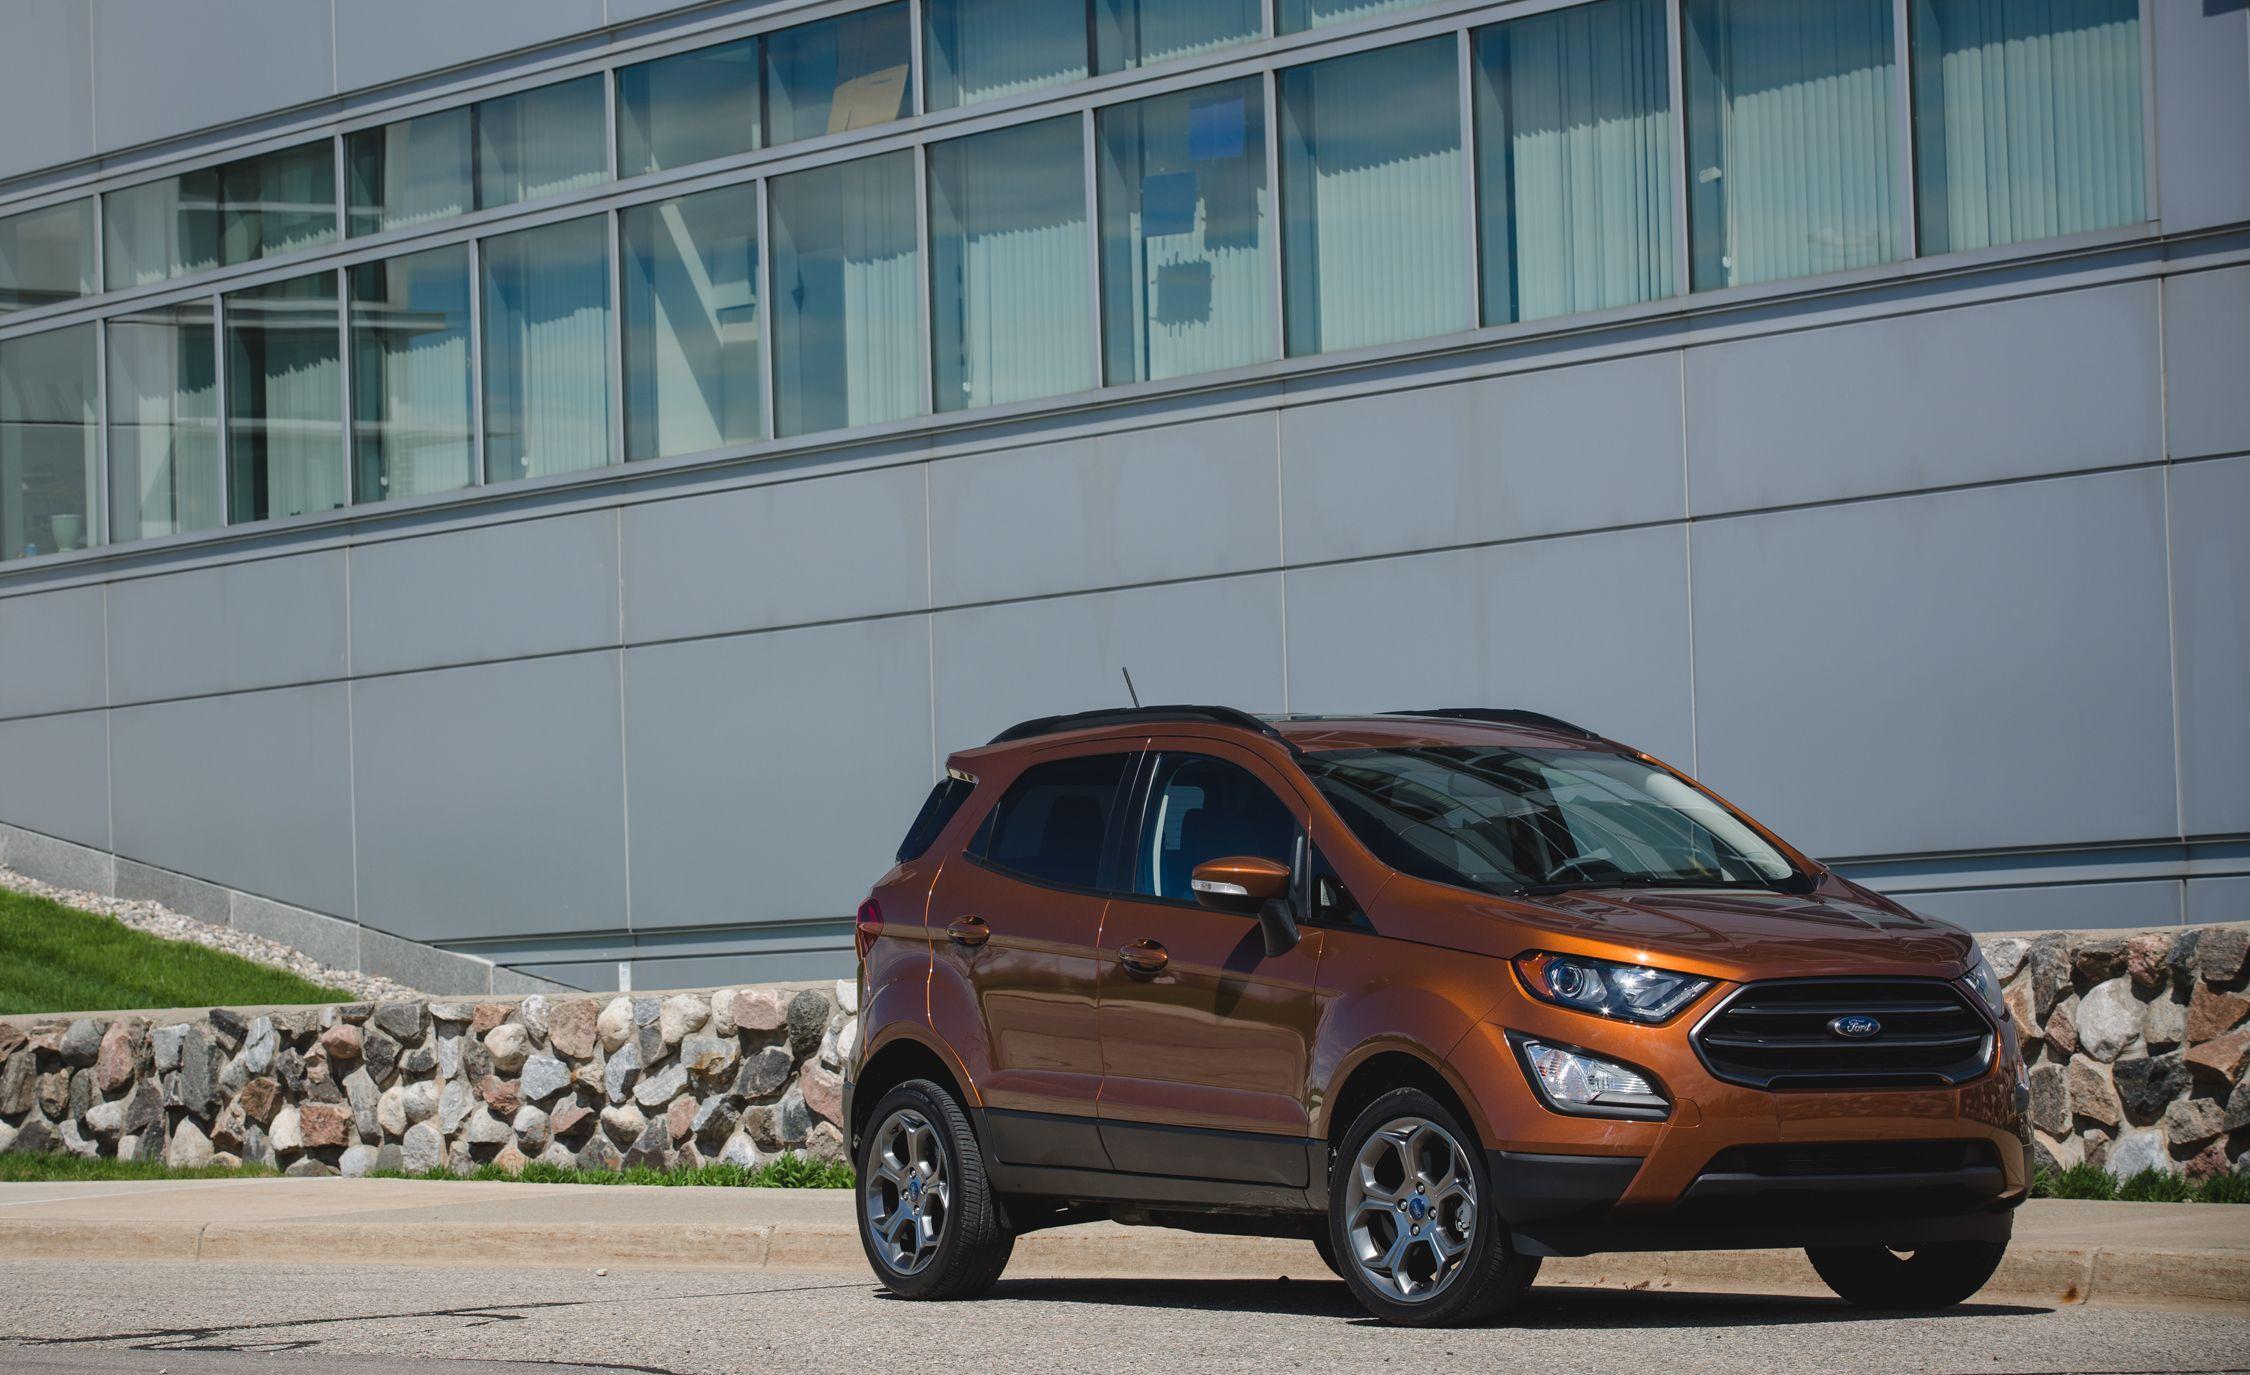 Ford Ecosport Reviews Price Photos And Specs Car 1999 4 6 Engine Diagram 204 Yr Driver